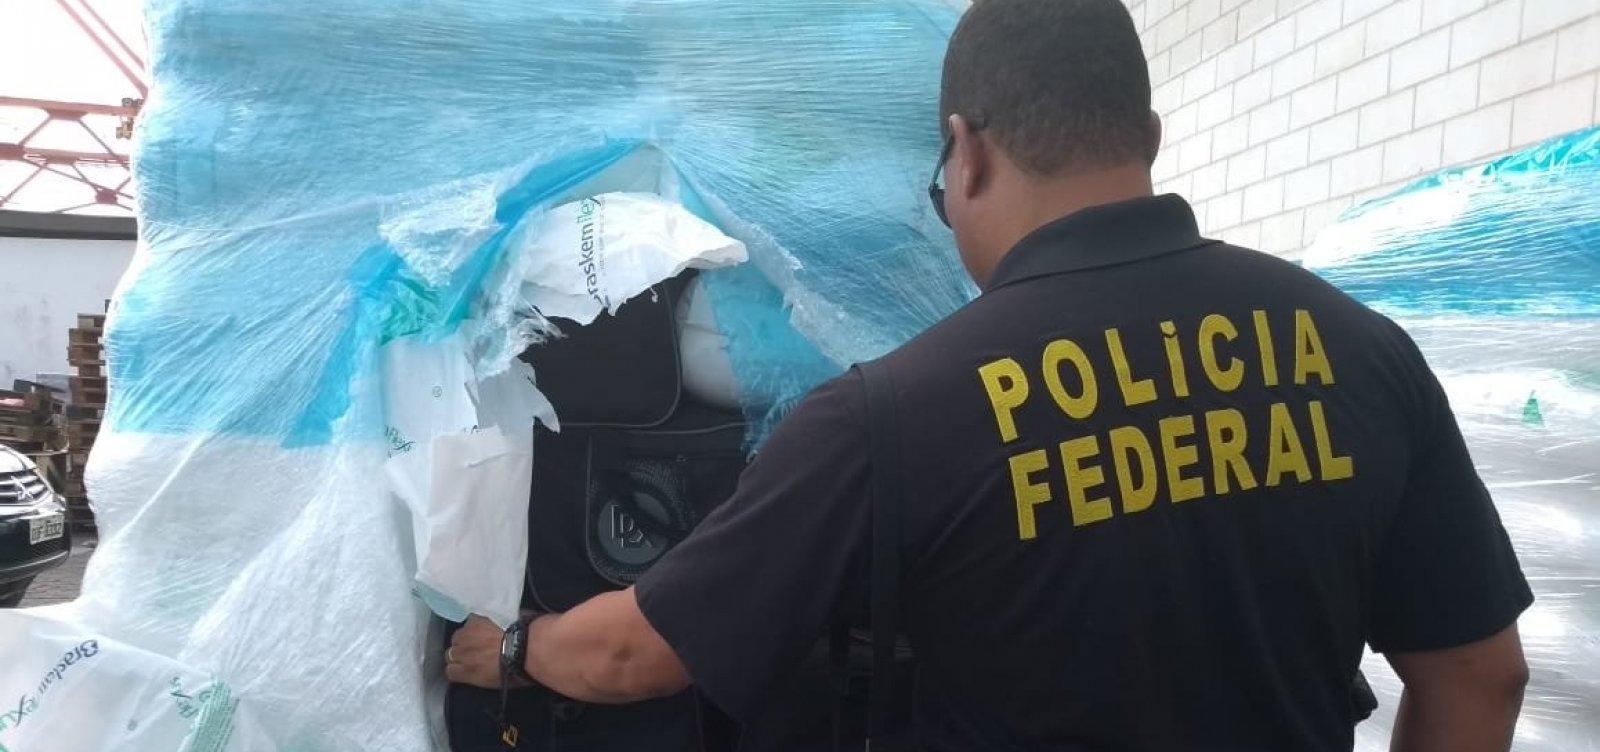 [Polícia Federal apreende cerca de 1,5 tonelada de cocaína no Porto de Salvador]